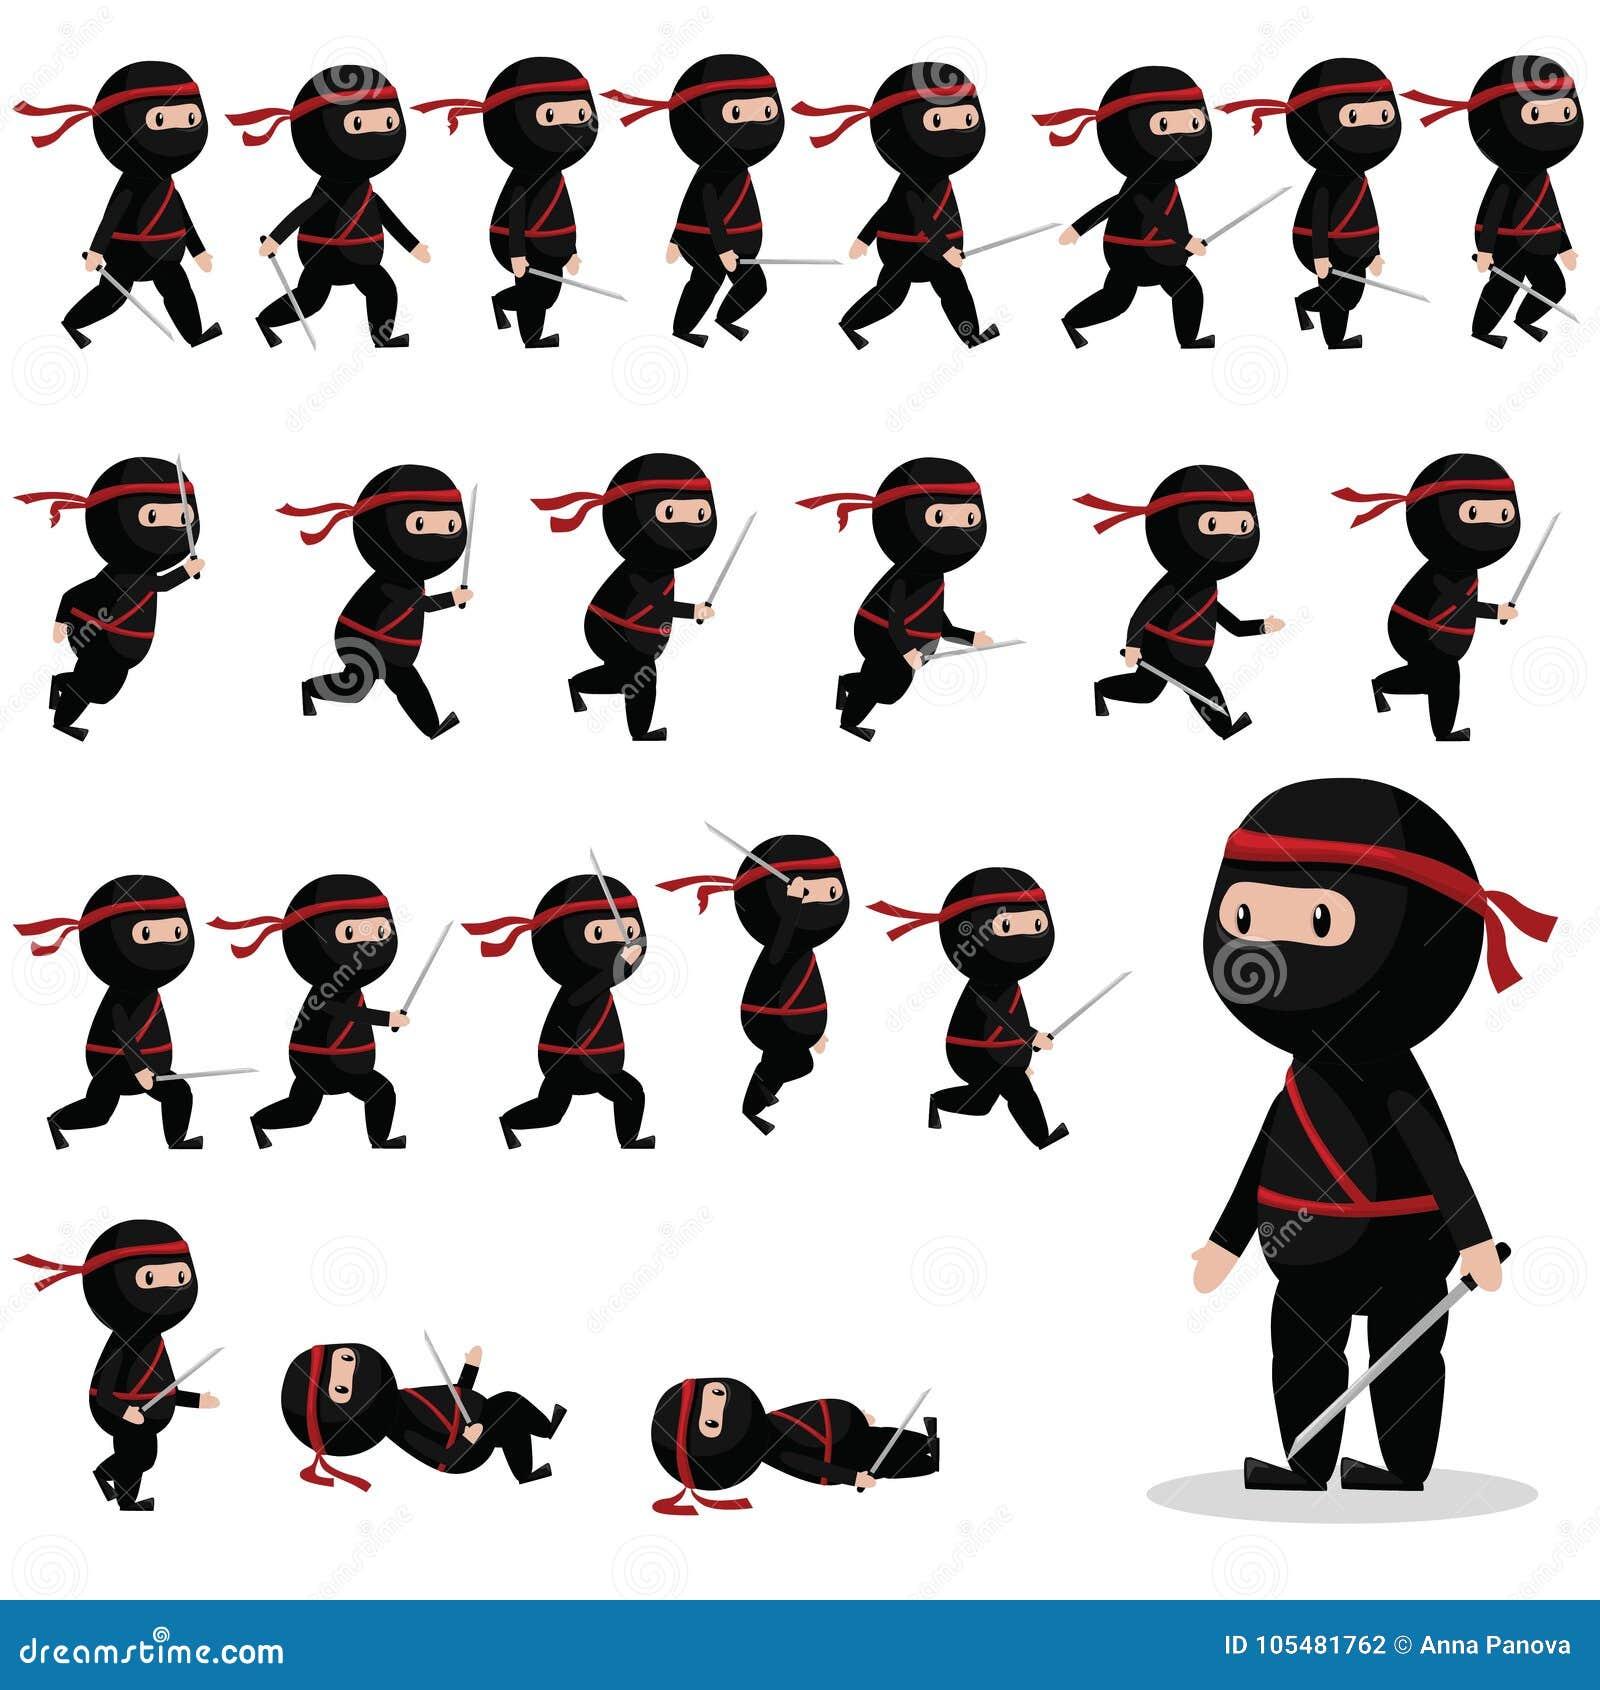 Δαιμόνια χαρακτήρα Ninja για τα παιχνίδια, ζωτικότητα